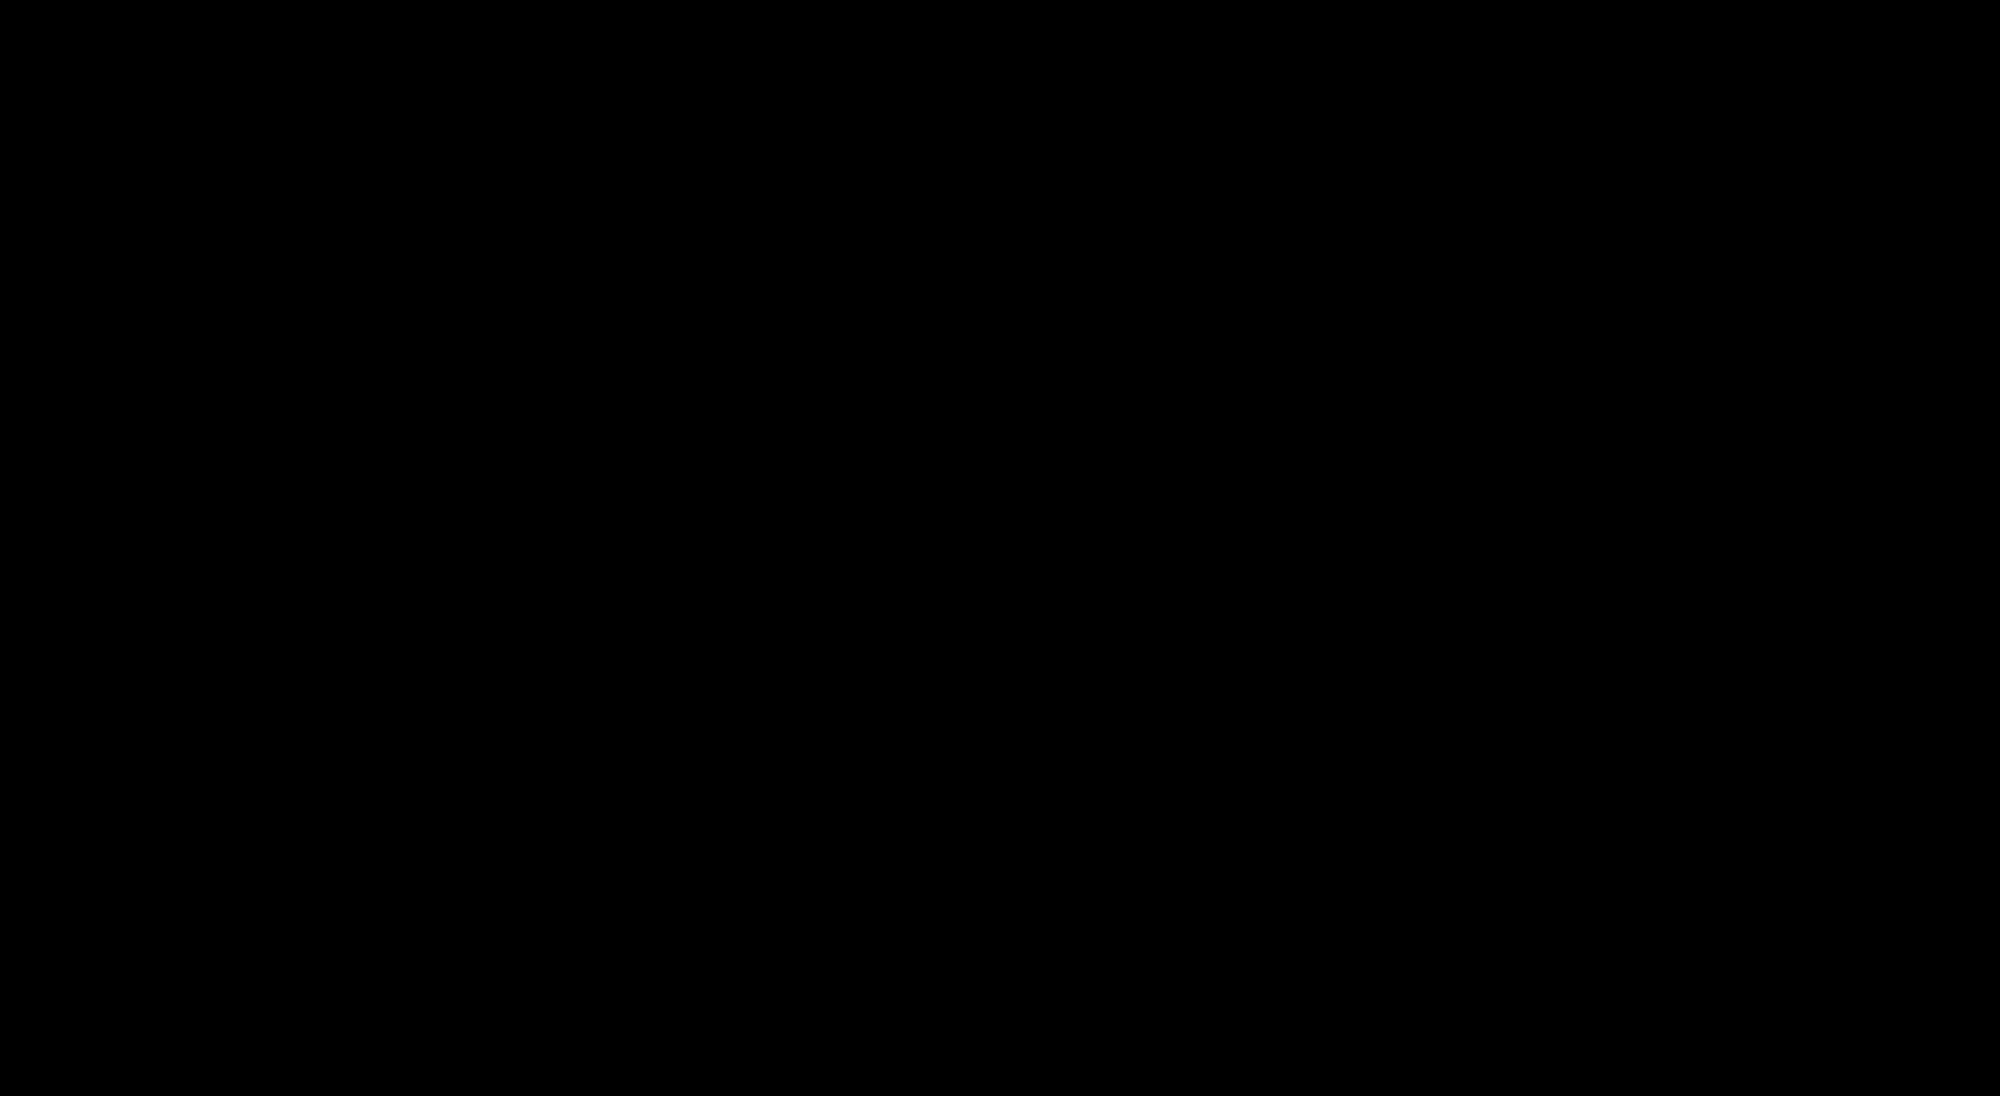 PNG Gang - 132728